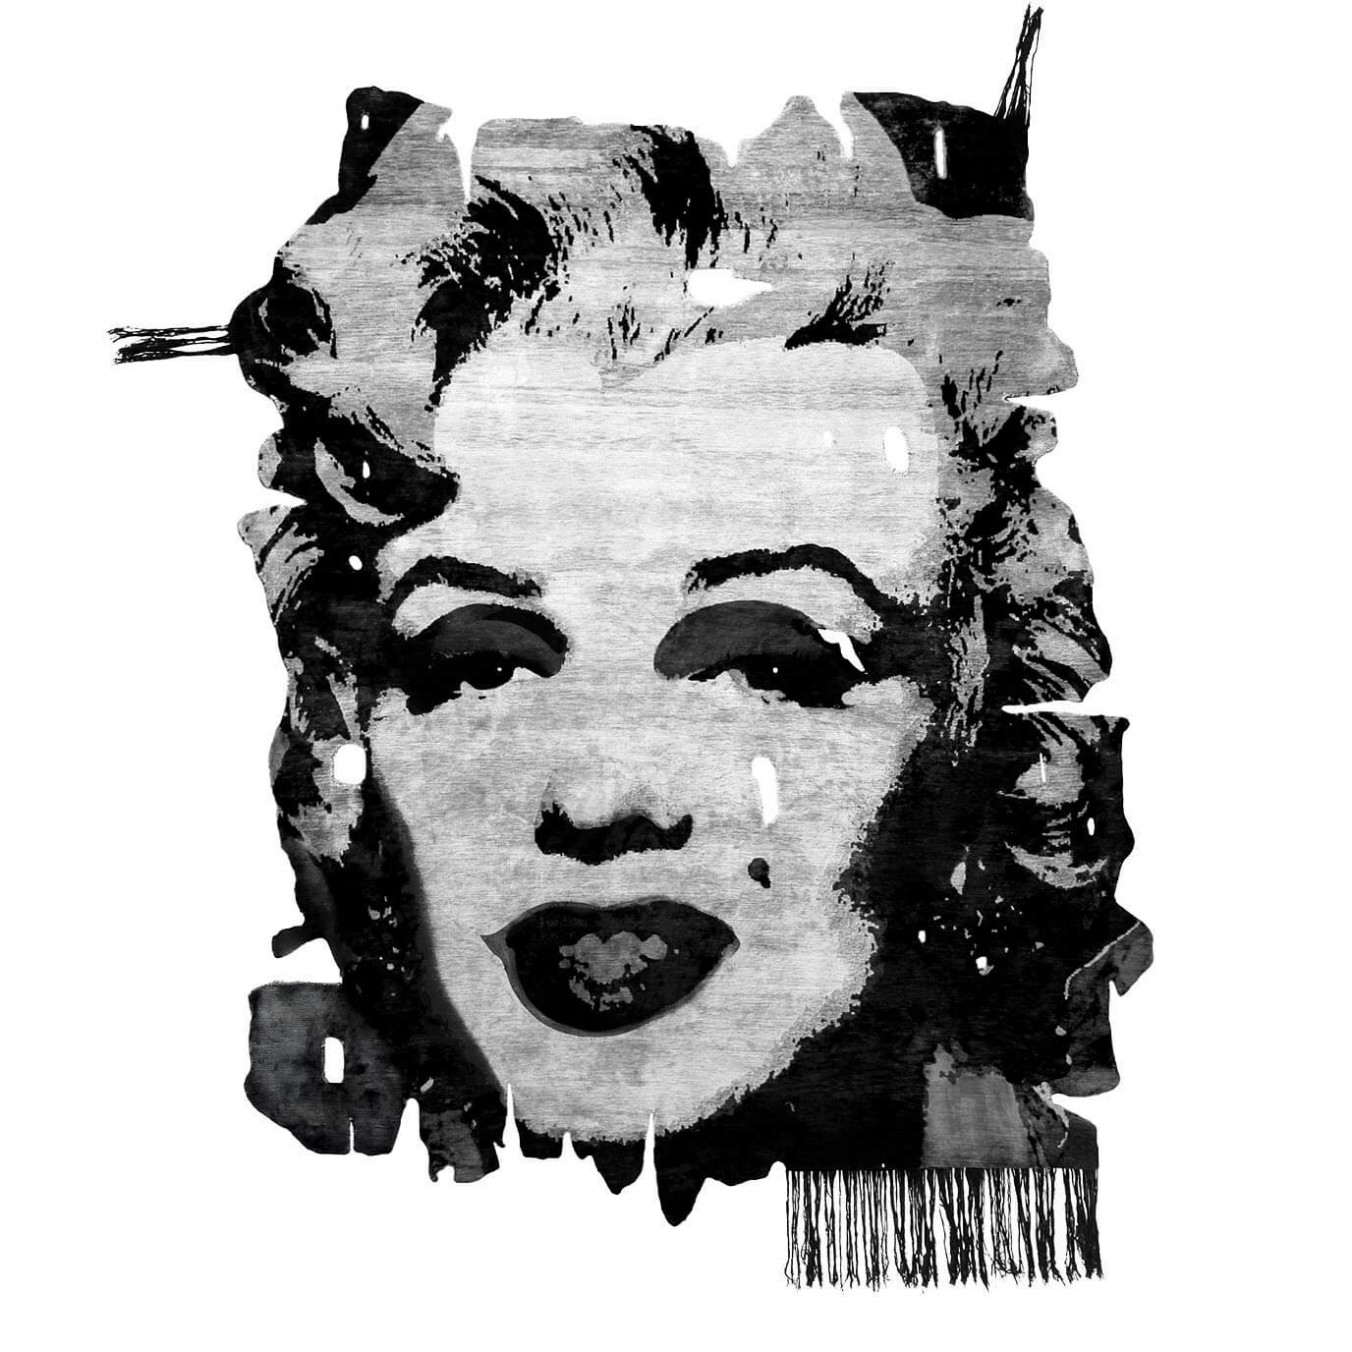 ANDY WARHOL Marilyn, 1967